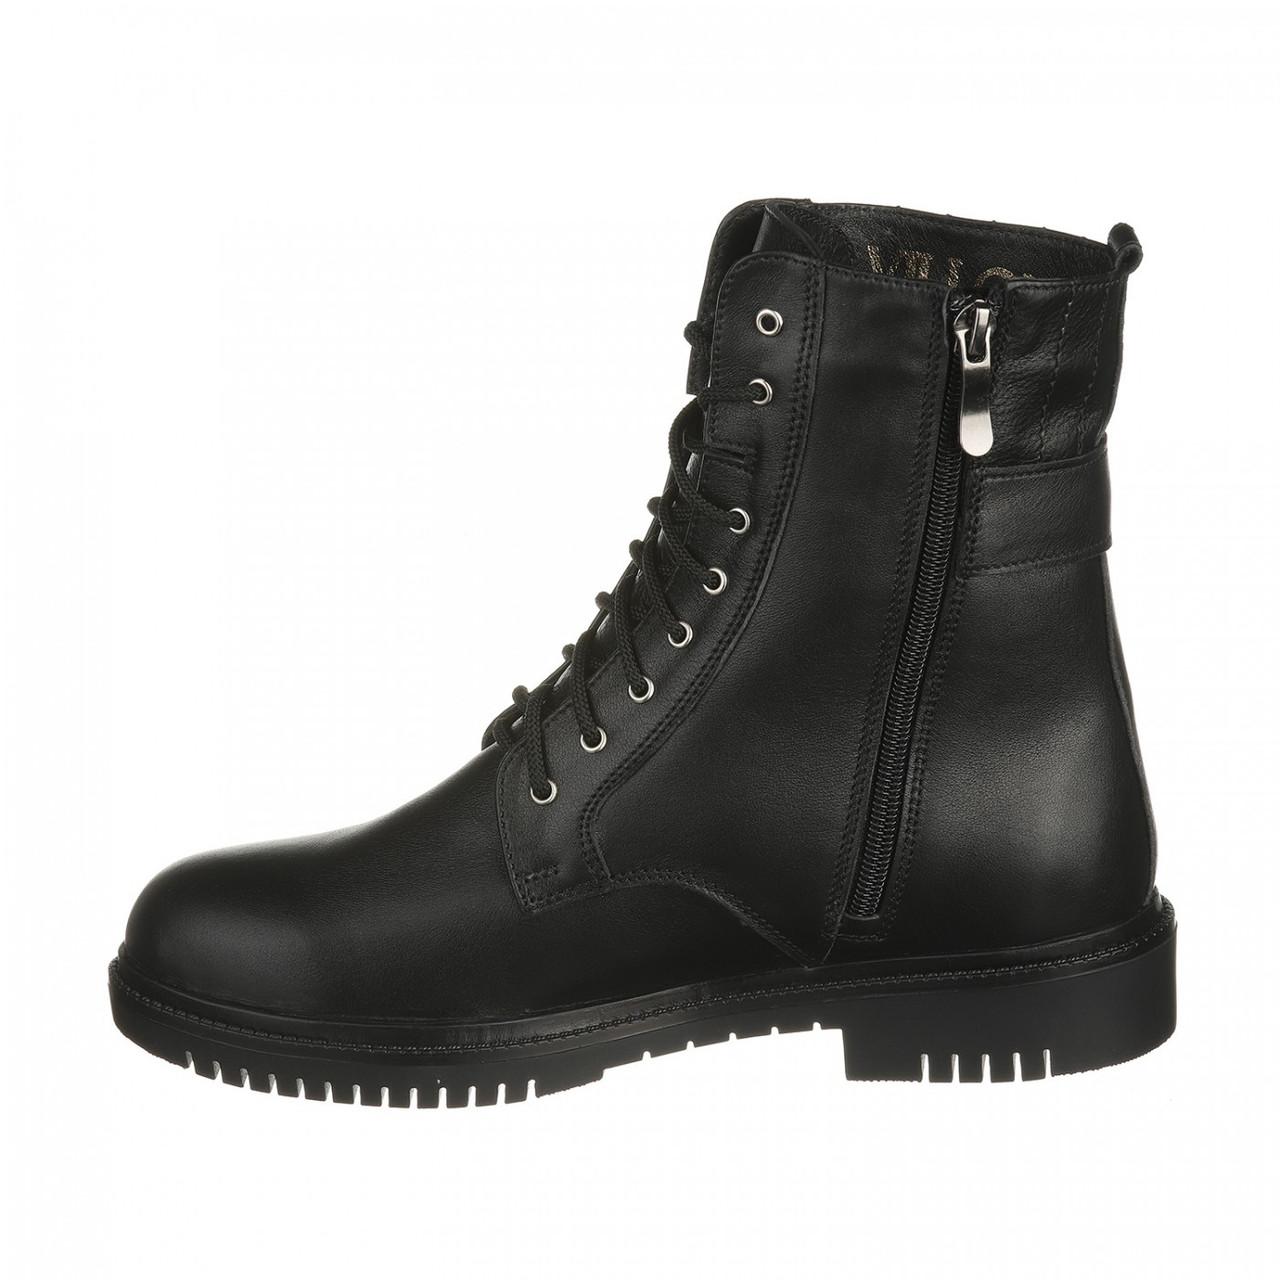 Не высокие женские ботинки на шнуровке черного цвета, кожа